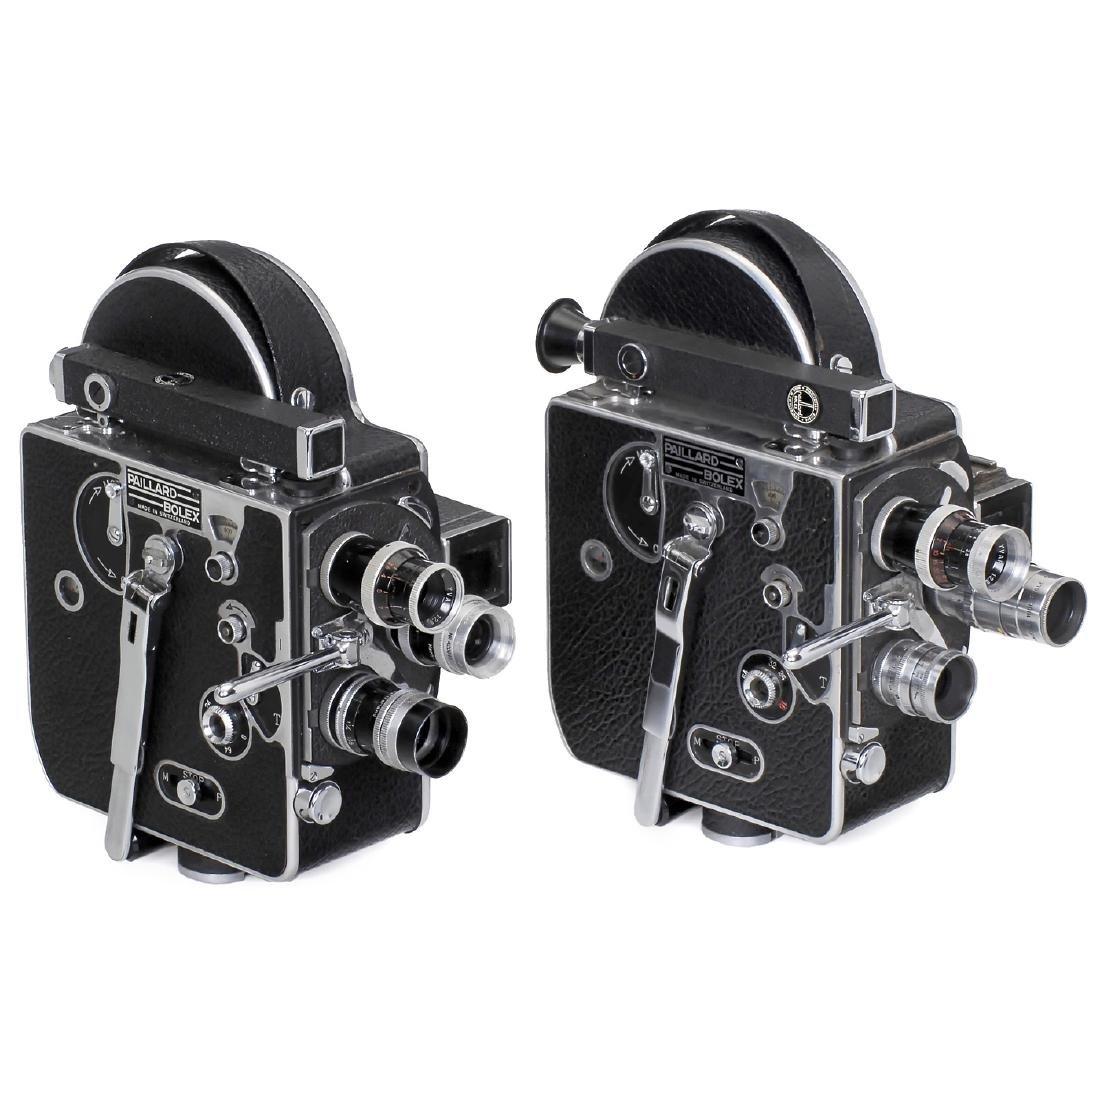 2 Bolex H8 Movie Cameras, c. 1952